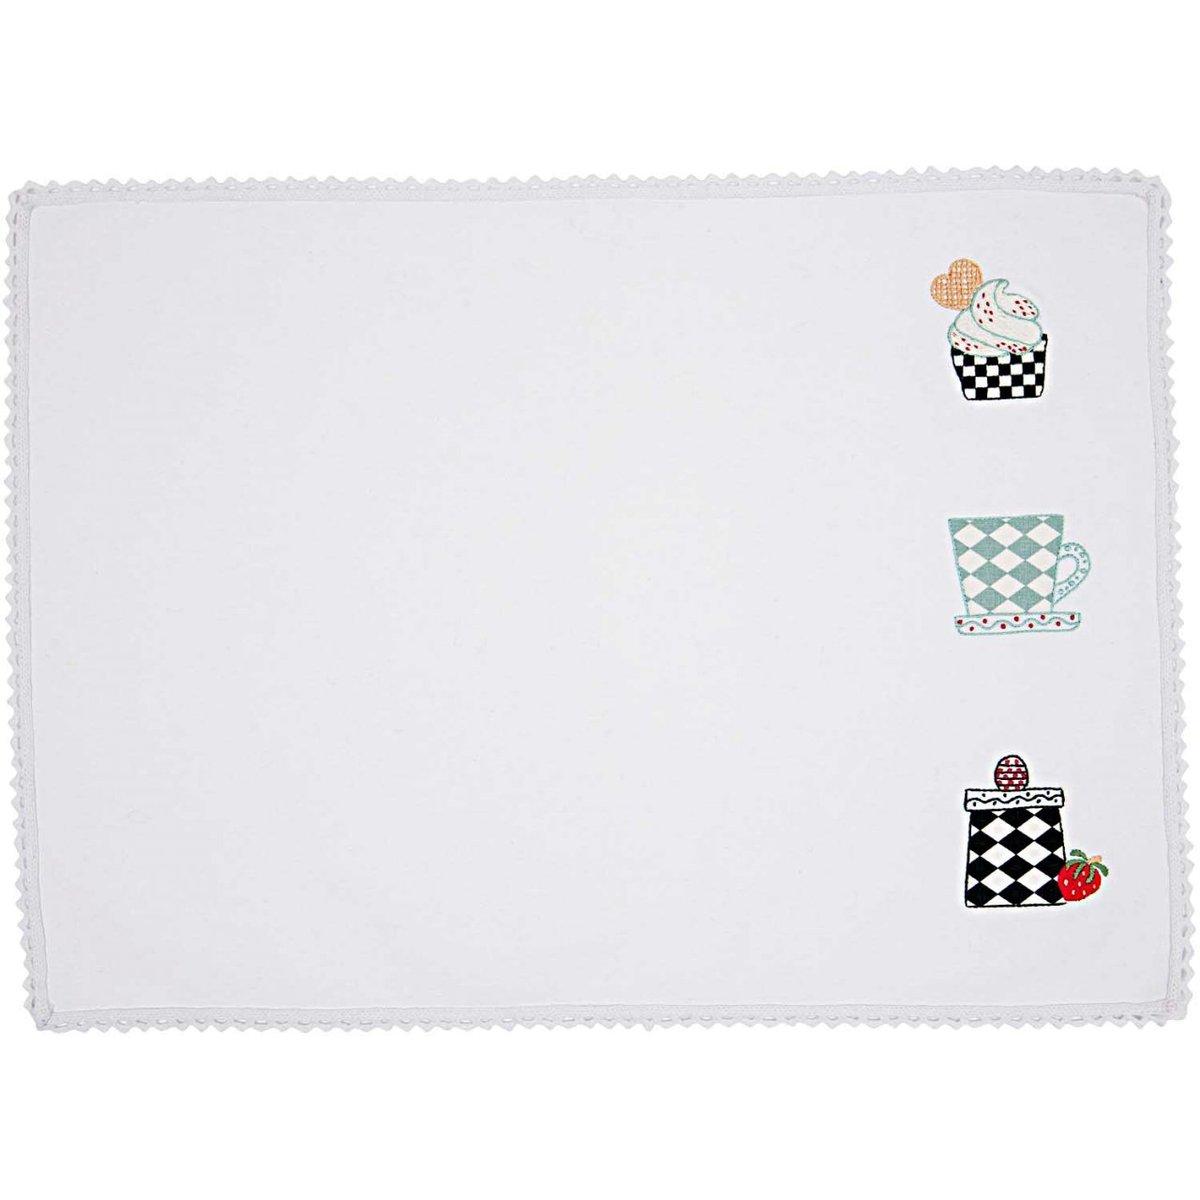 Bild 1 von Rico Design Stickpackung Platzset Geschirr